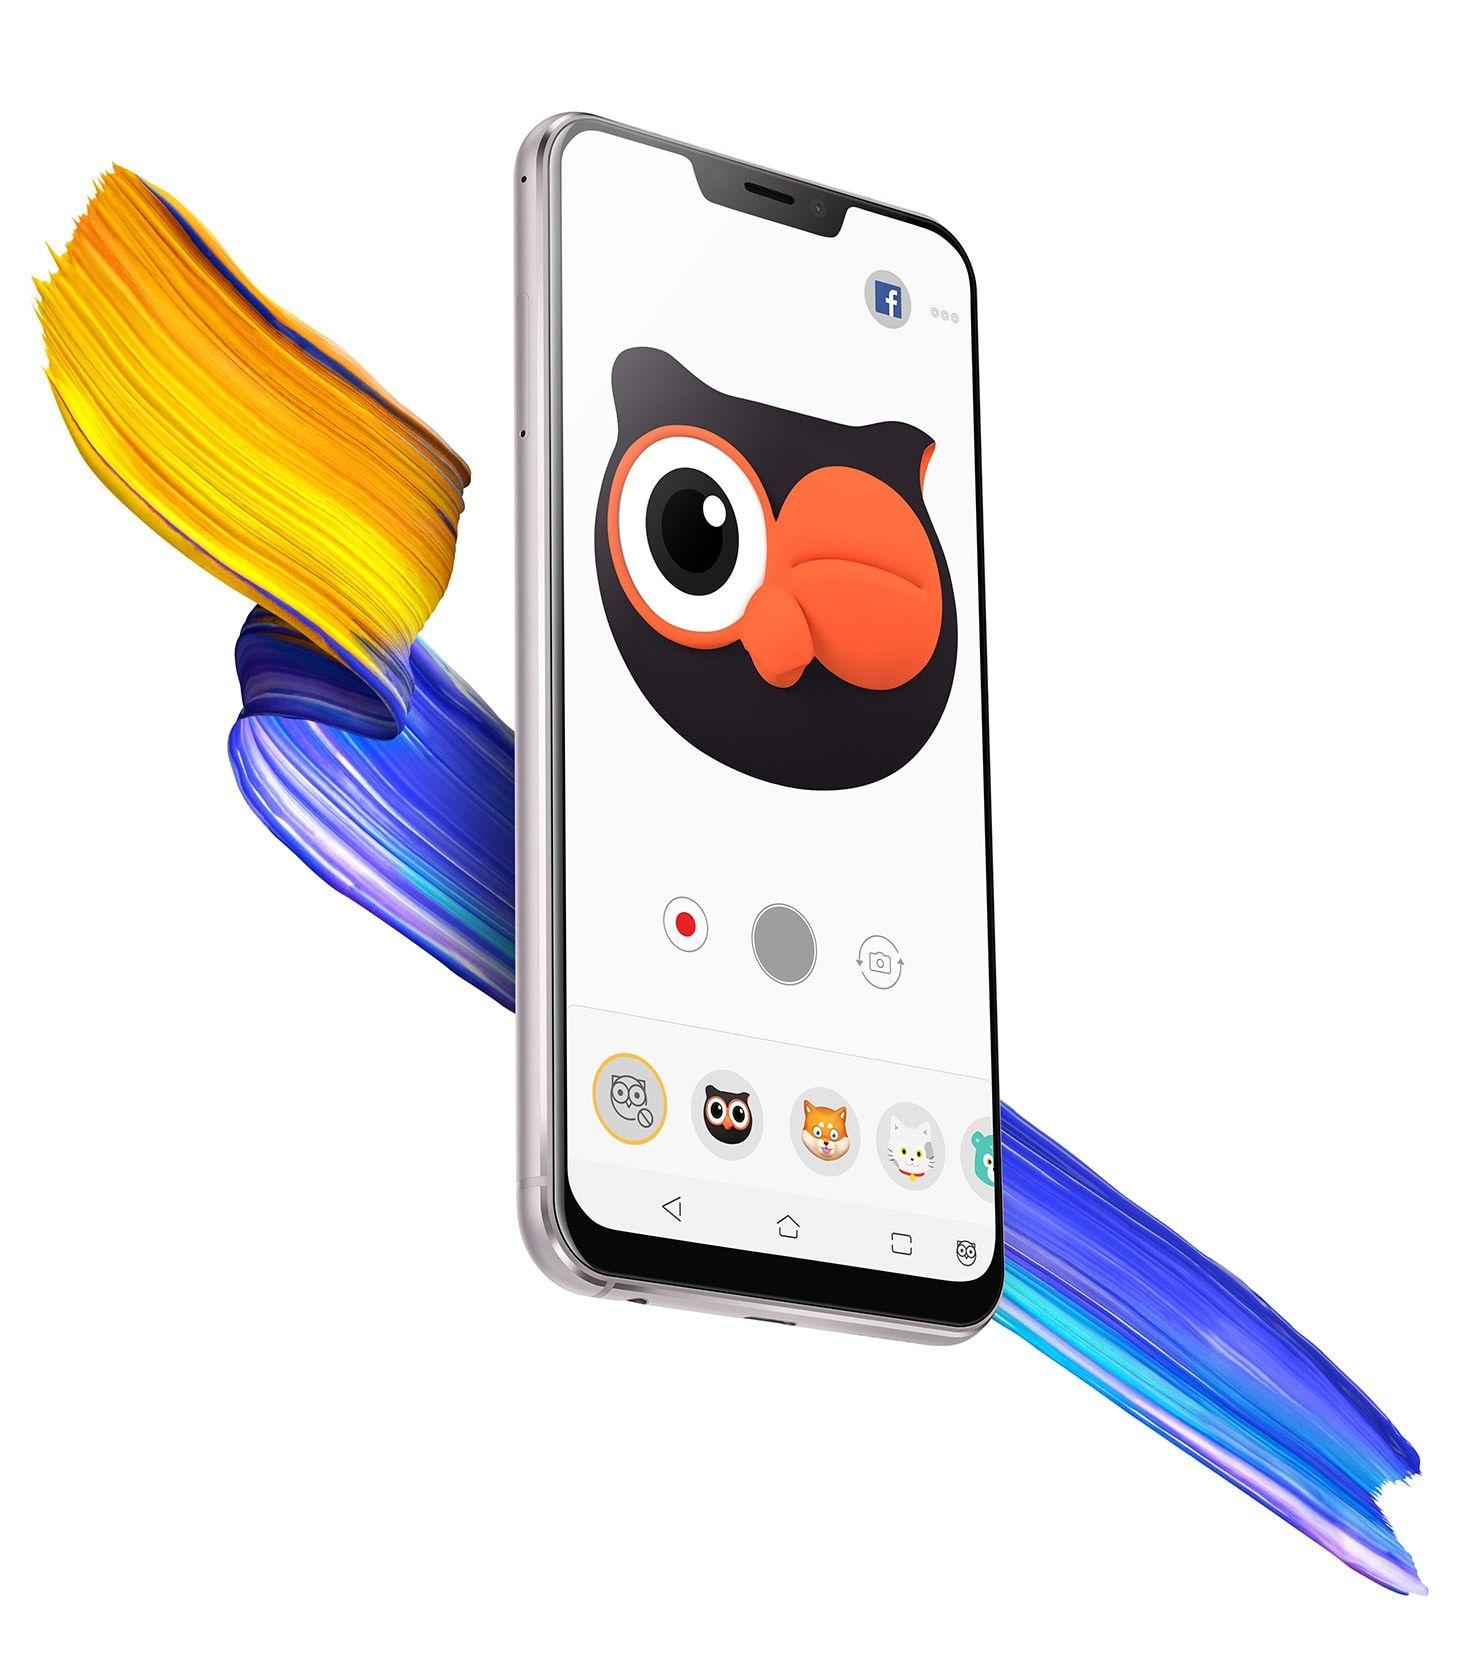 lărgi sunt de asemenea extrem de utile pentru fotografii de grup și în spații restrânse!       Oricine poate fi profesionist!      ZenFone 5Z include puternicul mod Pro ce va oferă controlul complet asupra tuturor setărilor camerei, inclusiv balansul de alb, expunere, focus, ISO, și o gamă impresionantă de viteze ale obturatorului, de la 1/10000 la 32 de secunde. ZenFone 5Z este de asemenea alegerea ideală dacă doriți să optimizați fotografiile neprocesate cu ajutorul aplicațiilor software de editare foto. Nu este de mirare că ZenFone 5Z reprezintă alegerea profesioniștilor!       Încărcare rapidă, autonomie extinsă      ZenFone 5Z oferă o autonomie excelentă de funcționare, și când vine momentul să reîncărcați bateria, tehnologia ASUS BoostMaster accelerează semnificativ acest proces! ZenFone 5Z introduce un sistem de alimentare inteligent controlat de AI ce maximizează autonomia bateriei și oferă protecție totală. Acest lucru este realizat prin ajustarea dinamică a parametrilor de încărcare, ceea ce conduce la încetinirea procesului de uzare/învechire al bateriei. ZenFone 5Z este cu adevărat companionul vostru inteligent!       Ecran mai inteligent, mult mai atrăgător      ZenFone 5Z oferă un nou design al ecranului deosebit de atrăgător, cu margini ultra-subțiri ce va permite să vedeți mai mult, dar în același timp asigură confortul total în utilizare. Acest ecran extraordinar este foarte realist și suportă spațiul de culoare de nivel DCI-P3, astfel încât fotografiile, clipurile video, filmele și jocurile vor arată mai bine că niciodată. Tehnologia să AI asigură faptul că imaginile vor arată întotdeauna impecabil, această menținând chiar și ecranul pornit atâta timp cât îl priviți!       Afișaj extins, spațiu redus      Afișajul extins pe întreg ecranul al modelului ZenFone 5Z este un adevărat țur de forță tehnologic, utilizând tehnologii de fabricație de top pentru a incorpora un ecran de 6.2 închi într-o carcasă compactă de 5.5 închi. Rezultatul este reprezenta